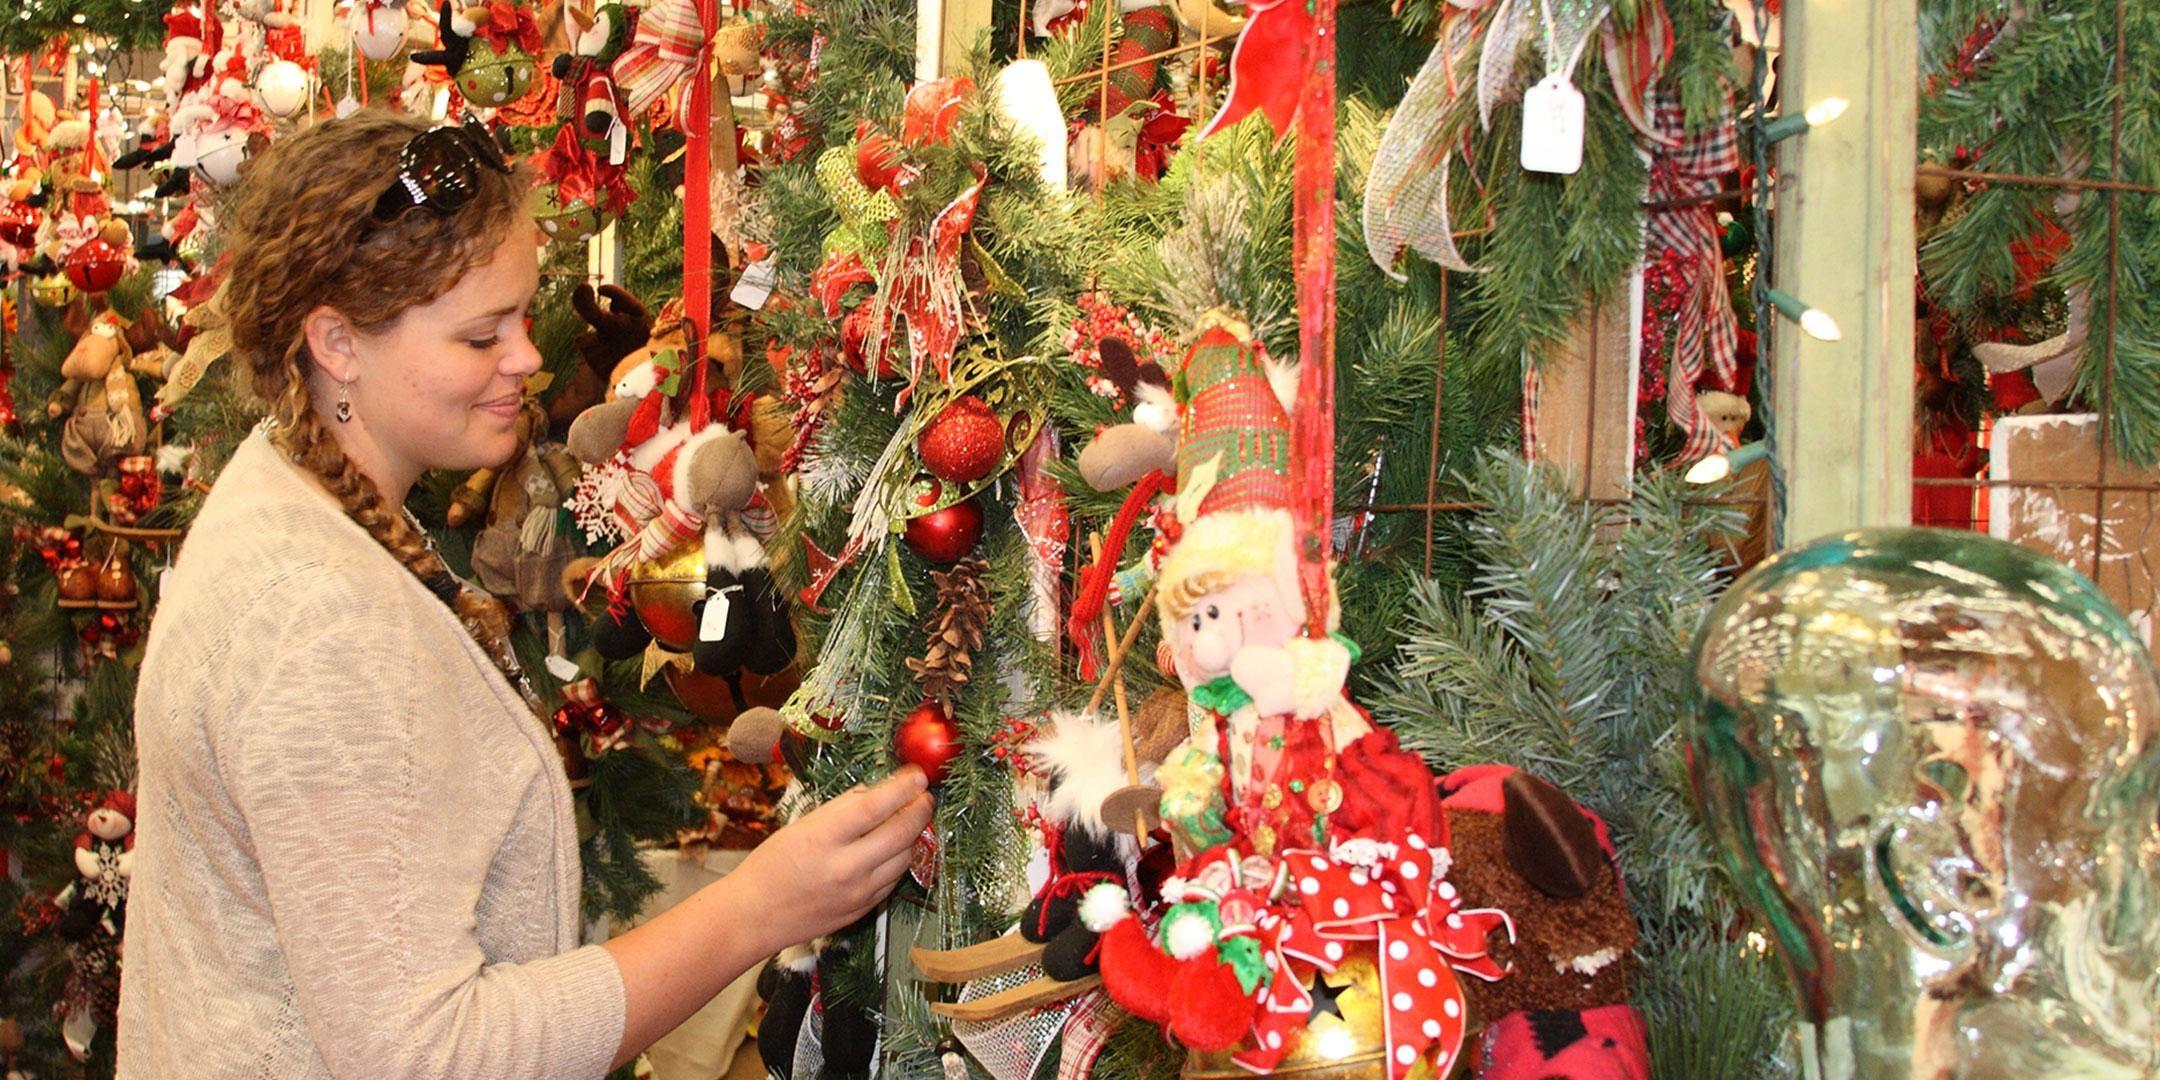 Colorado Country Christmas Gift Show - Nov. 2, 3, 4, 2018 - 2 NOV 2018